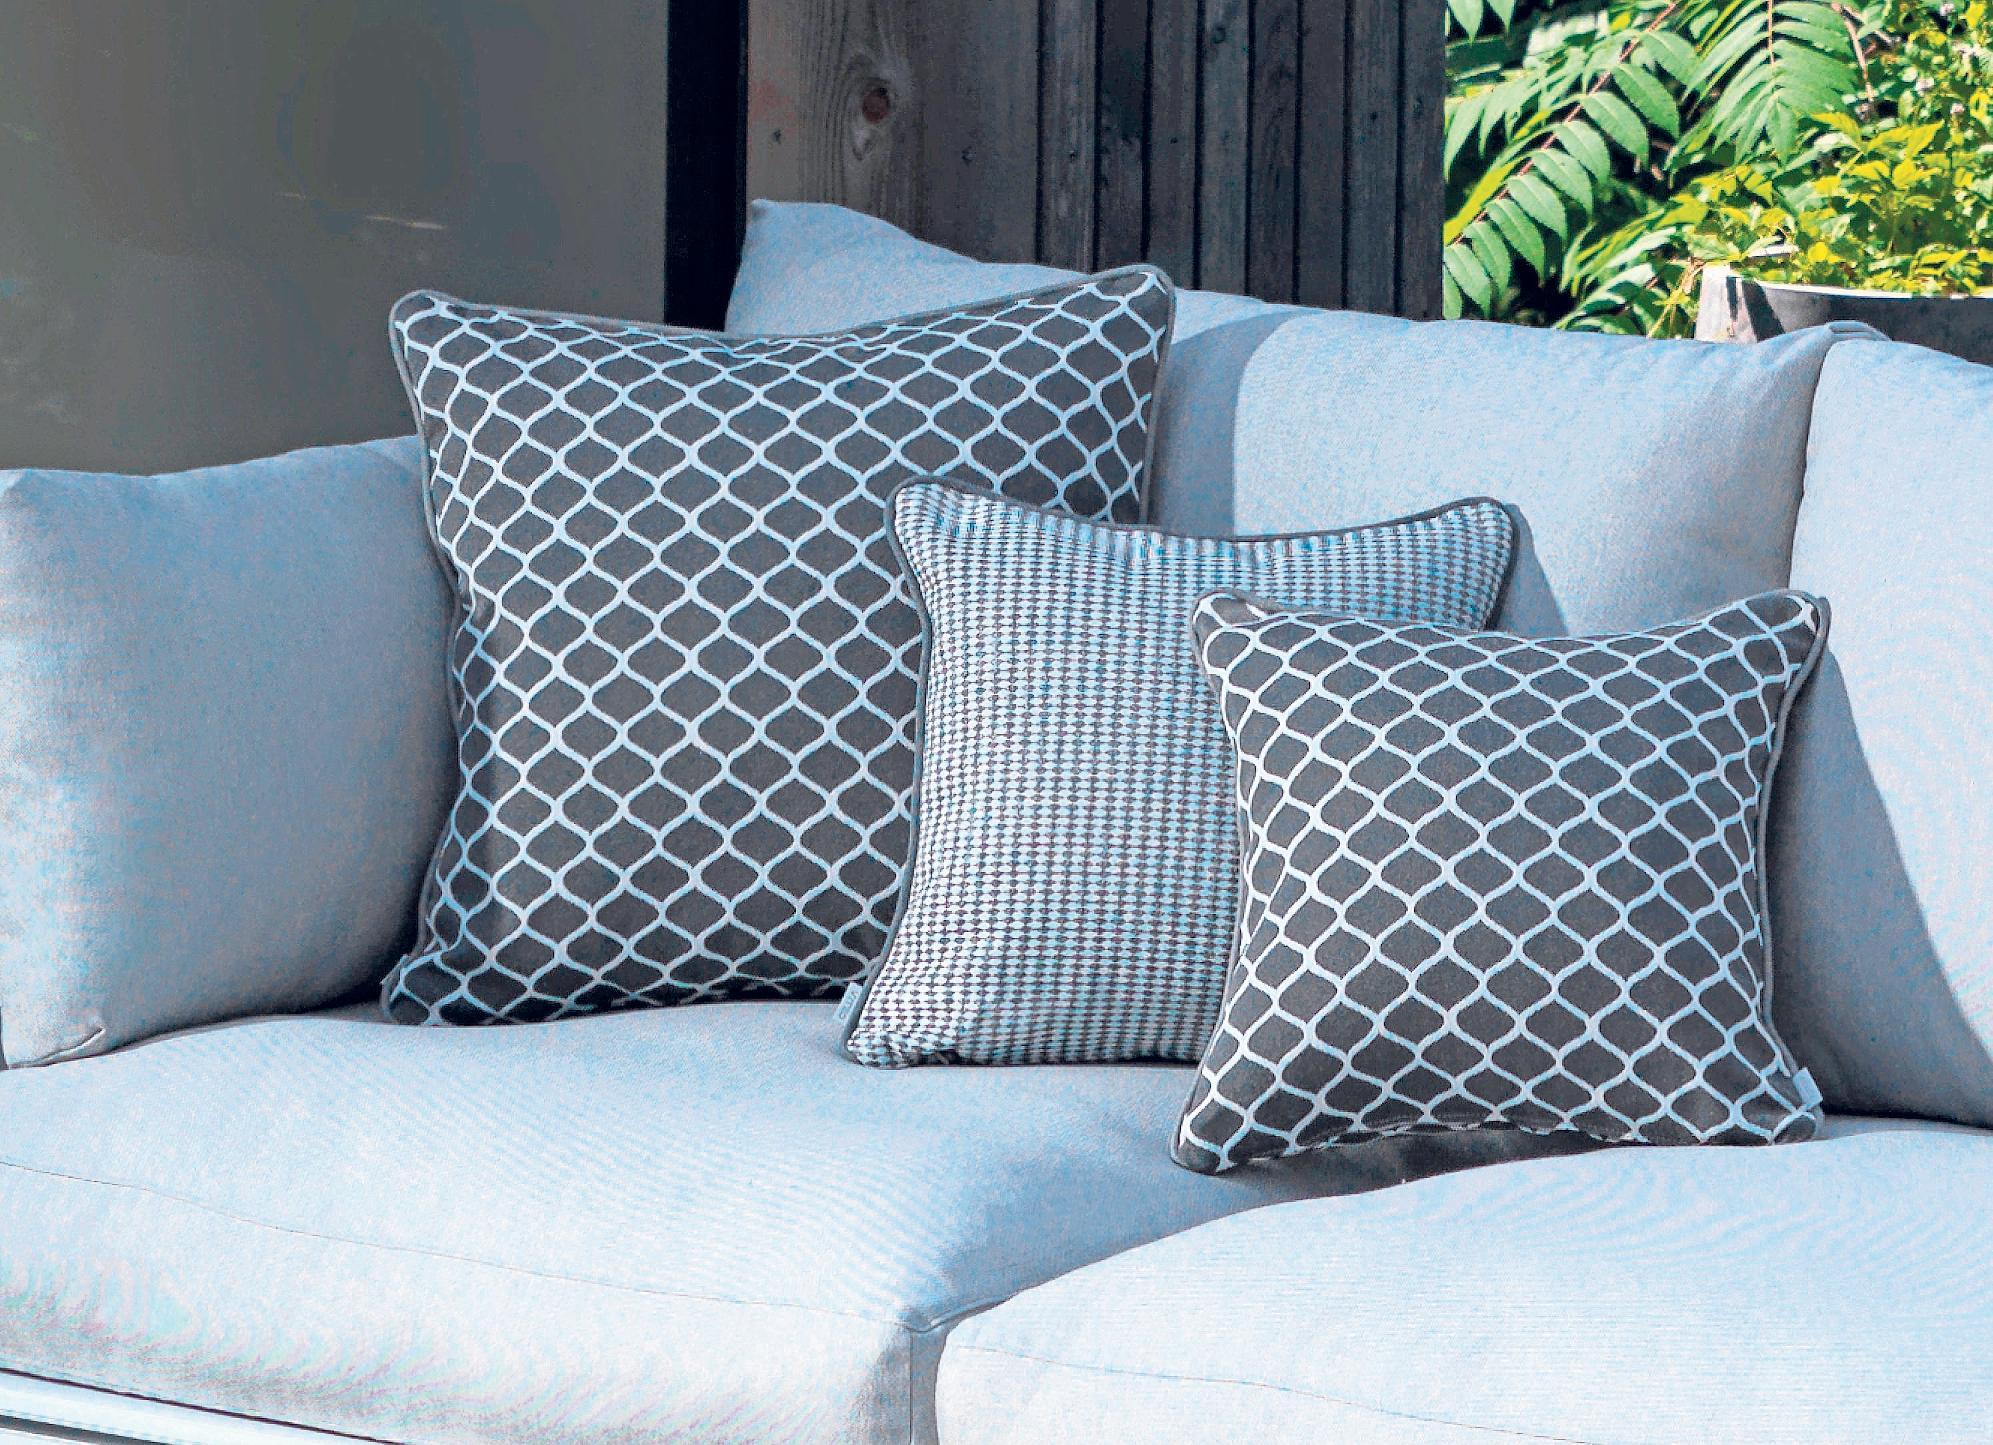 Viele Gartenmöbel haben dezente Farben, vor allem Grau ist beliebt. Foto: Viteo/dpa-tmn